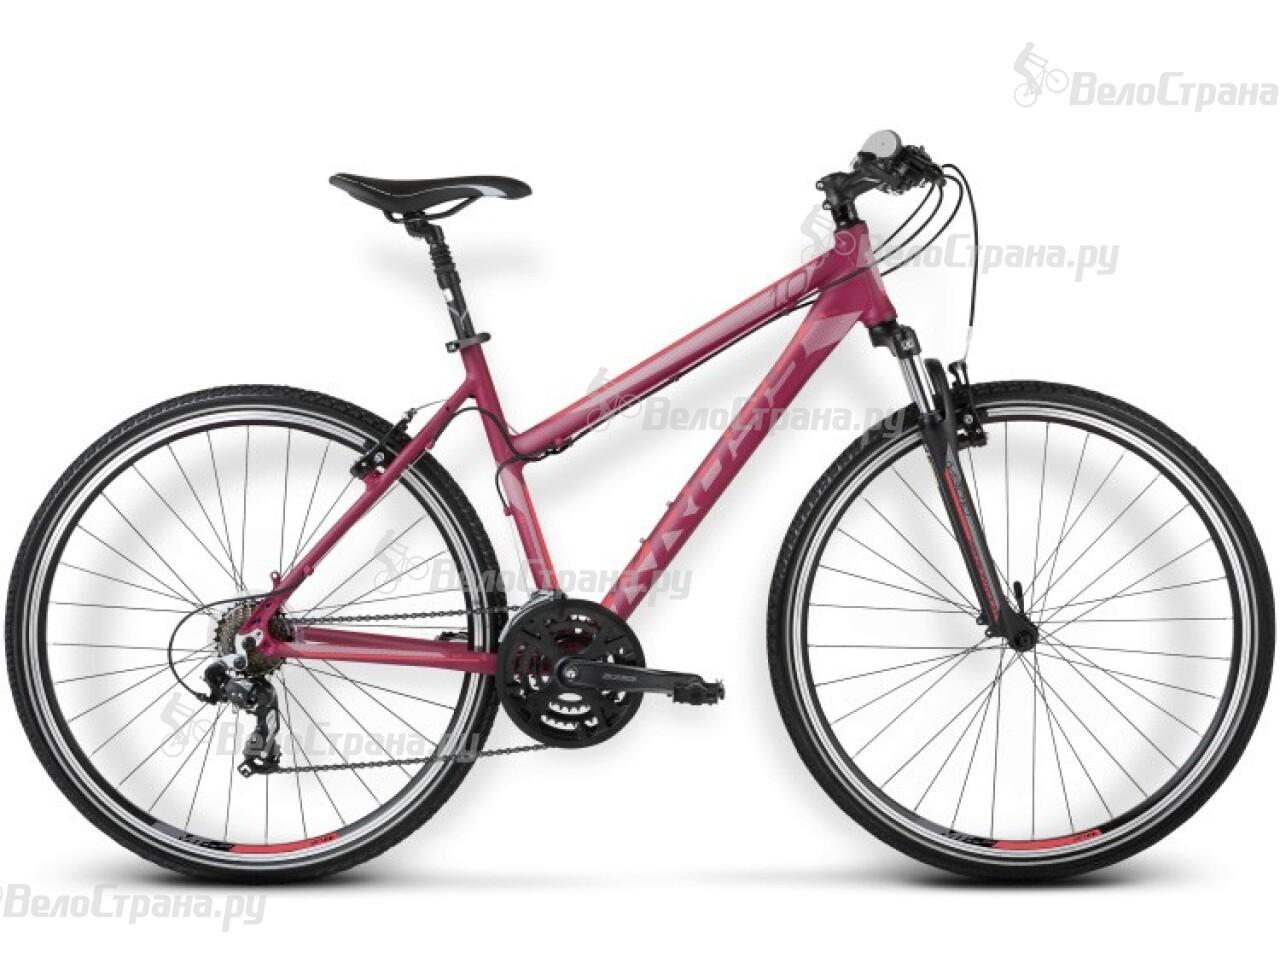 Велосипед Kross EVADO 1.0 Lady (2016) велосипед kross evado 1 0 lady 2017